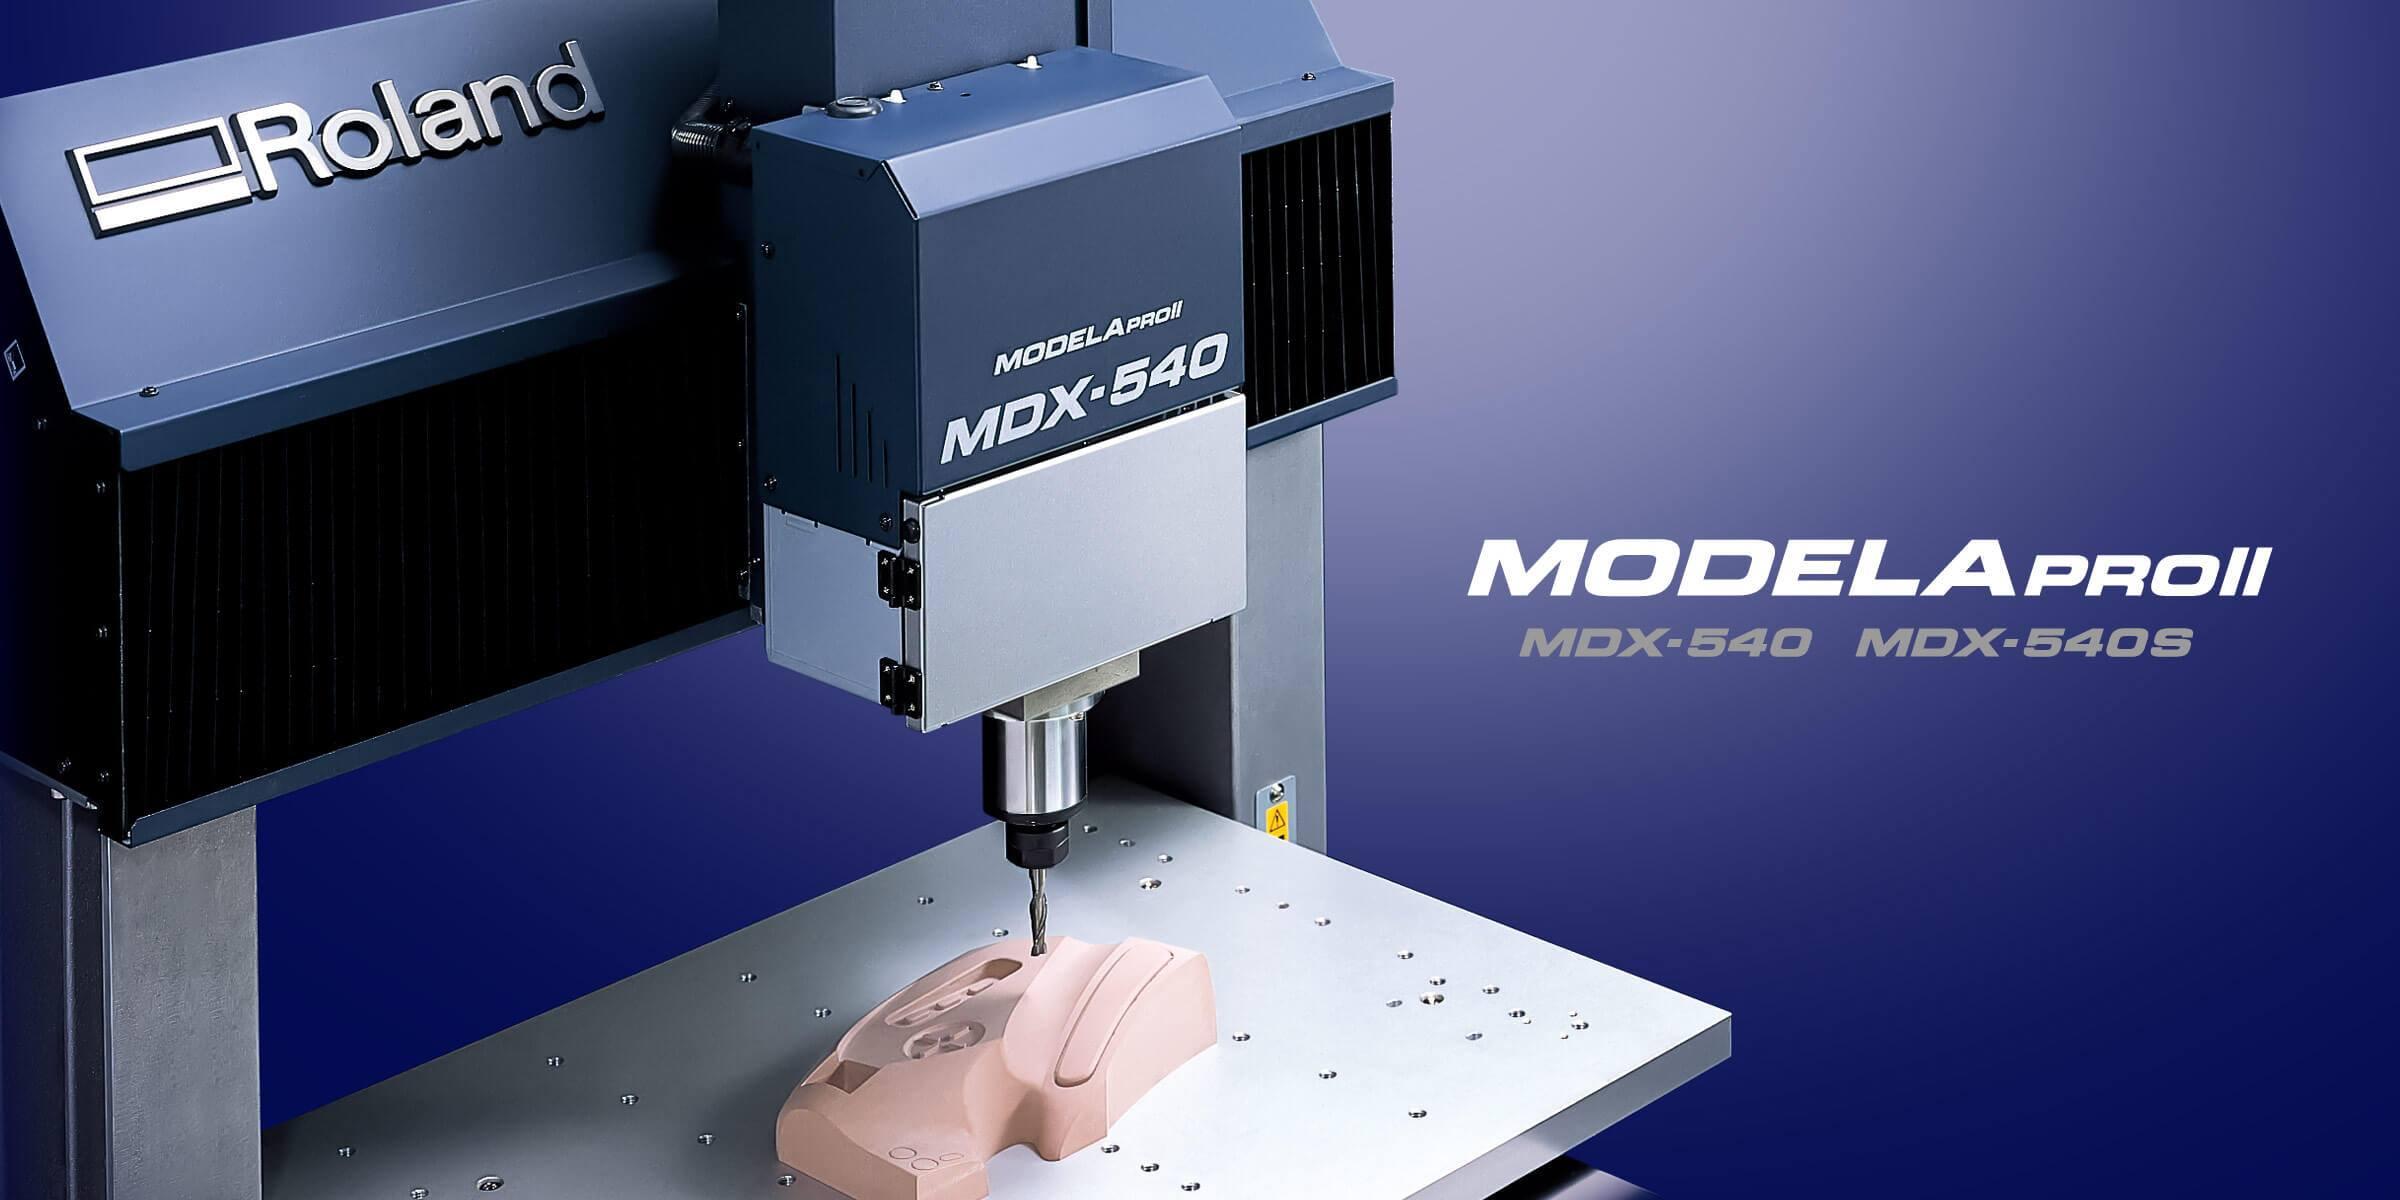 Máy phay CNC MDX-540 có khổ gia công lớn. Máy phay CNC MDX-540 được sản xuất 100% tại Nhật Bản bởi hãng Roland, được sử dụng gia công trên toàn thế giới.